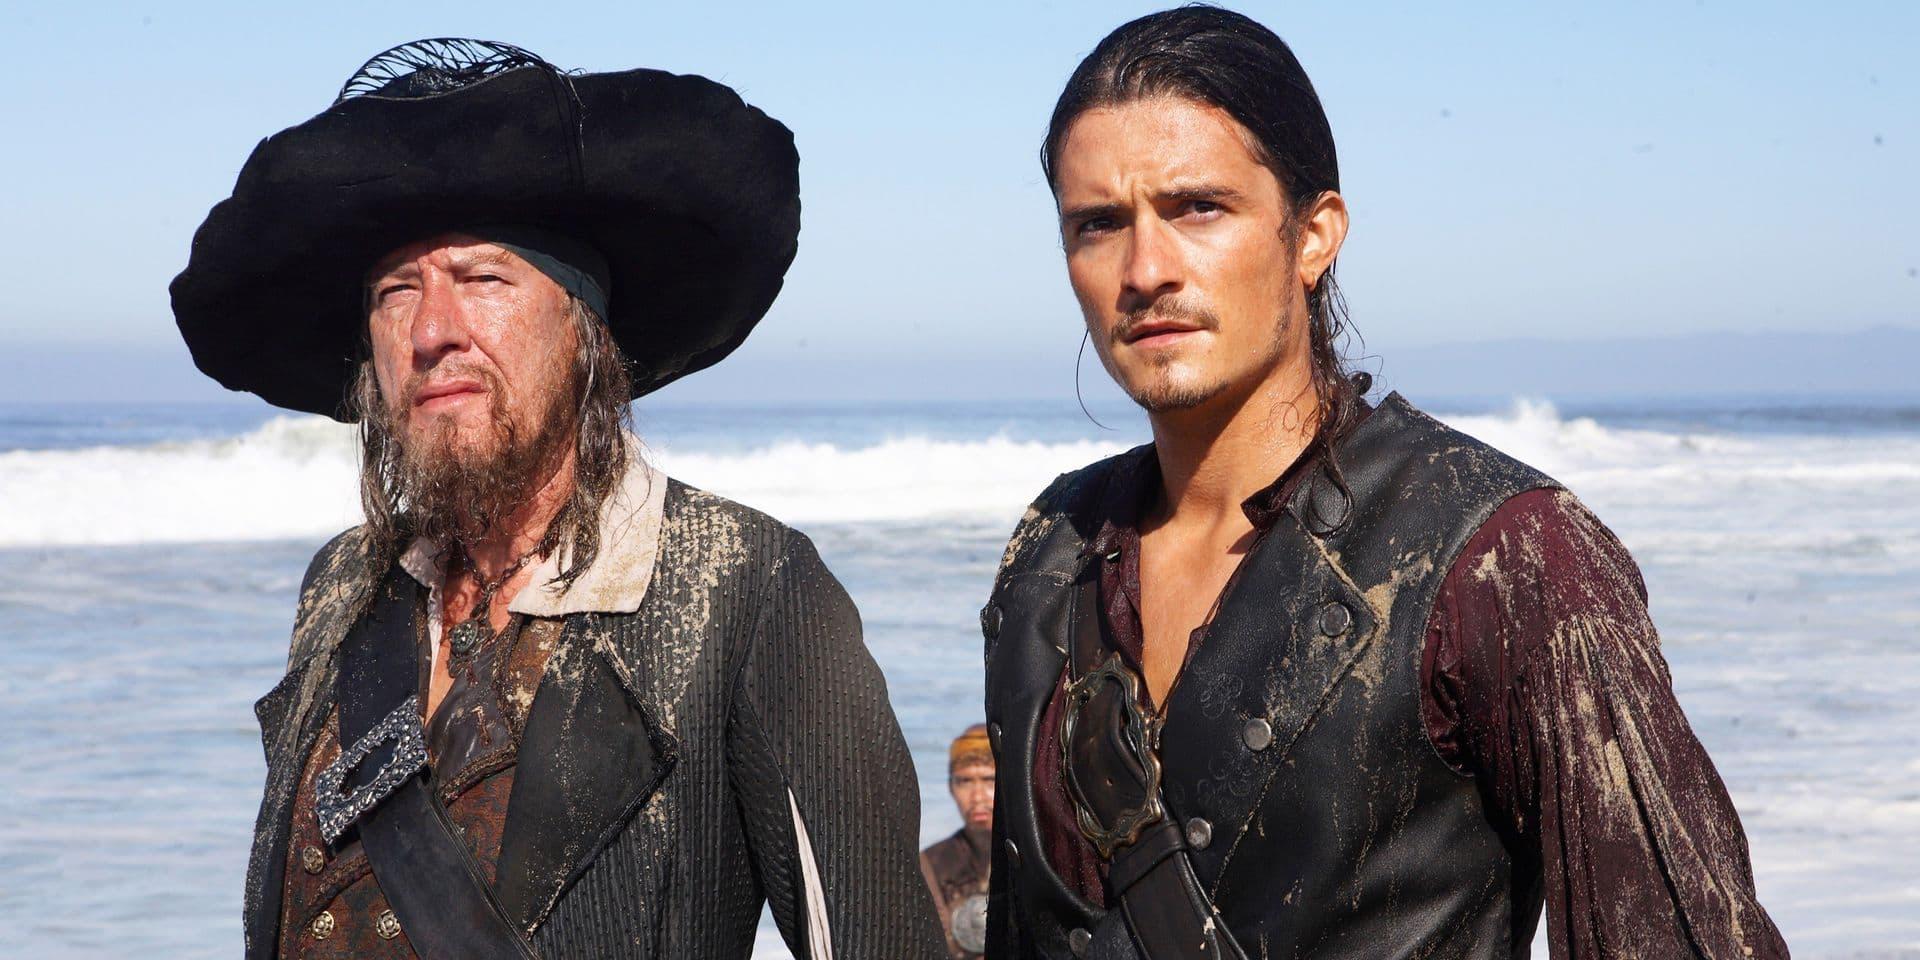 """540.000 euros d'amende pour avoir traité cet acteur de Pirates des Caraïbes de """"pervers"""" et """"prédateur sexuel"""""""